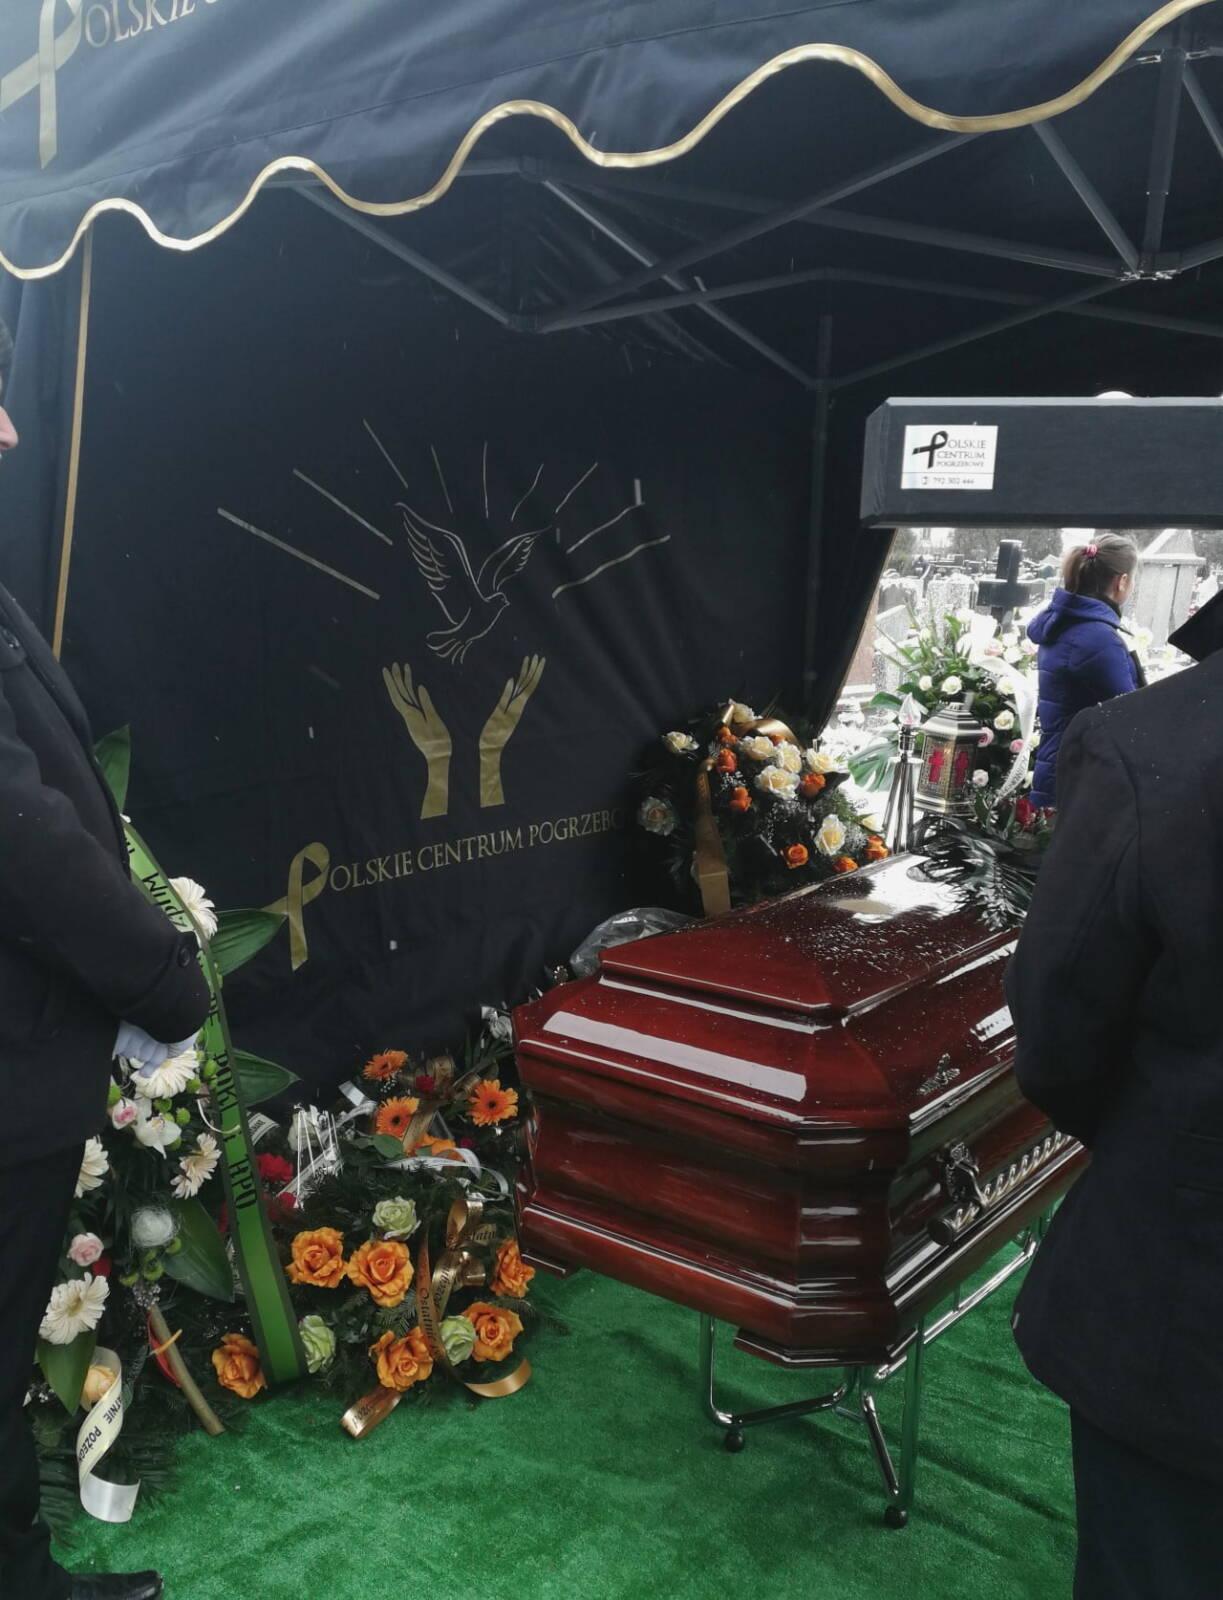 Polskie Centrum Pogrzebowe